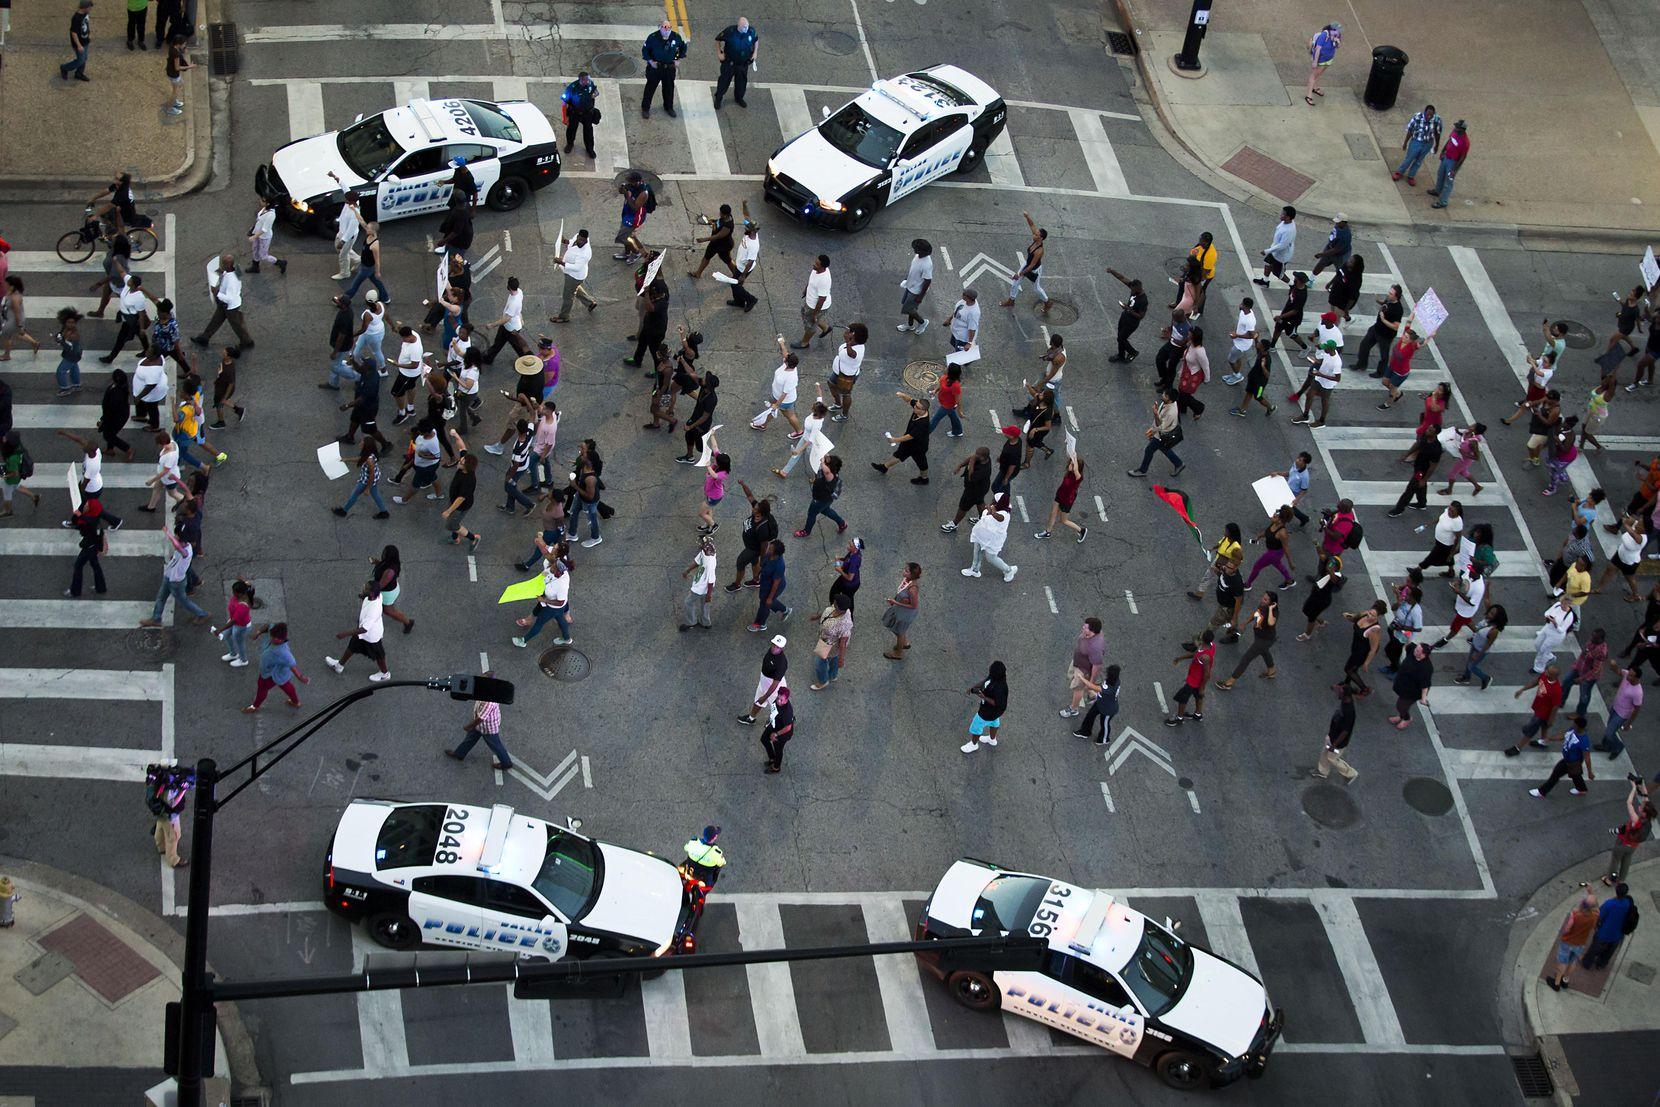 Una vista aérea muestra el final de la marcha de Black Lives Matter. El ataque empezó 10 minutos más tarde. DMN